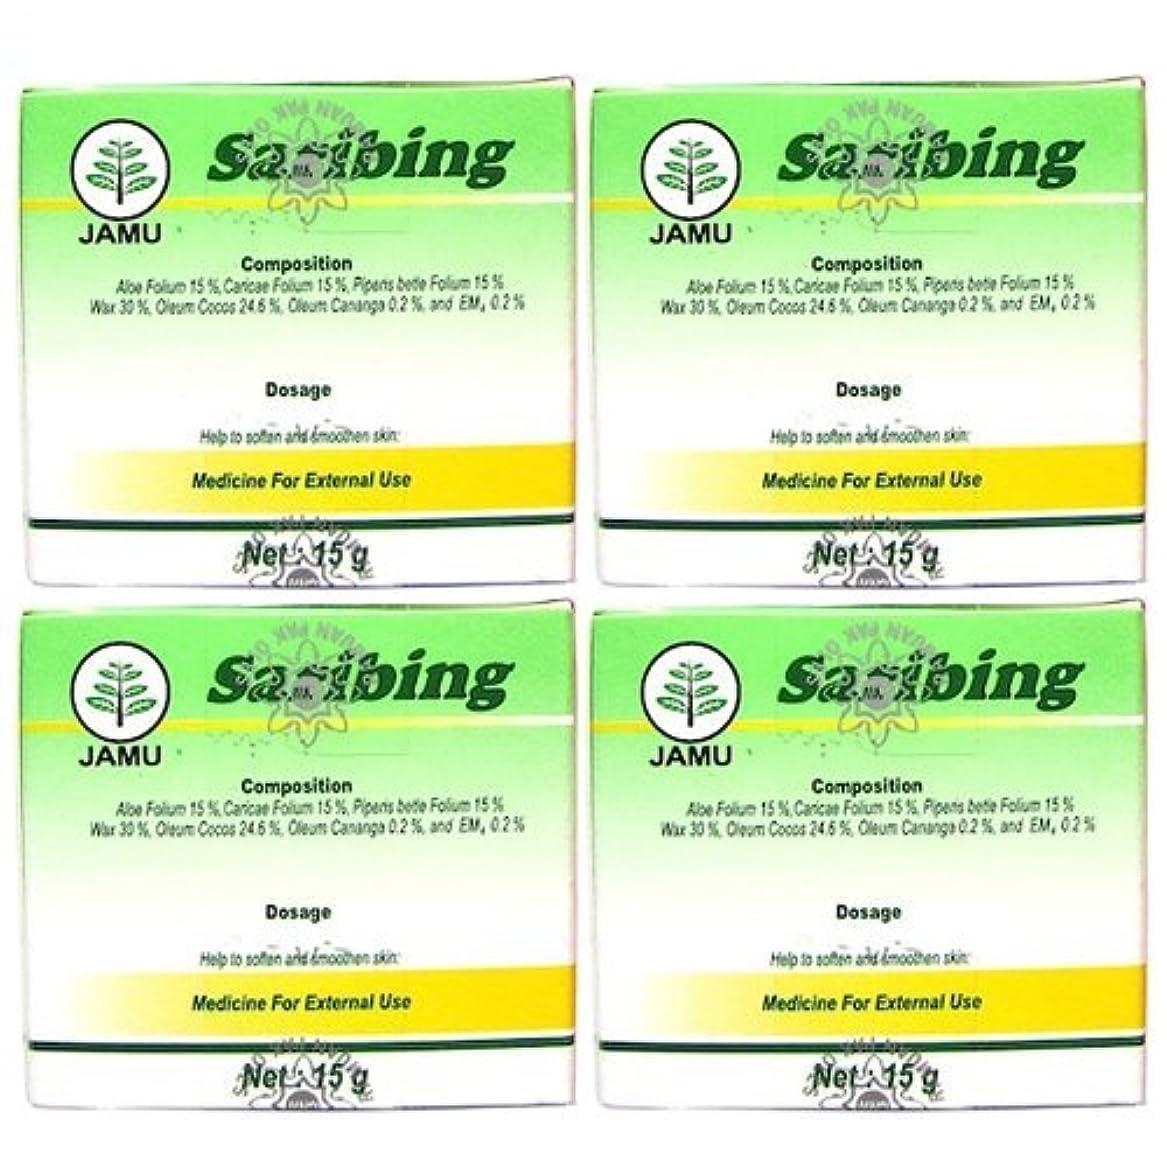 スペース時々襟Saribing(サリビン)ビューティー クリーム 15g 4個セット [並行輸入品][海外直送品]